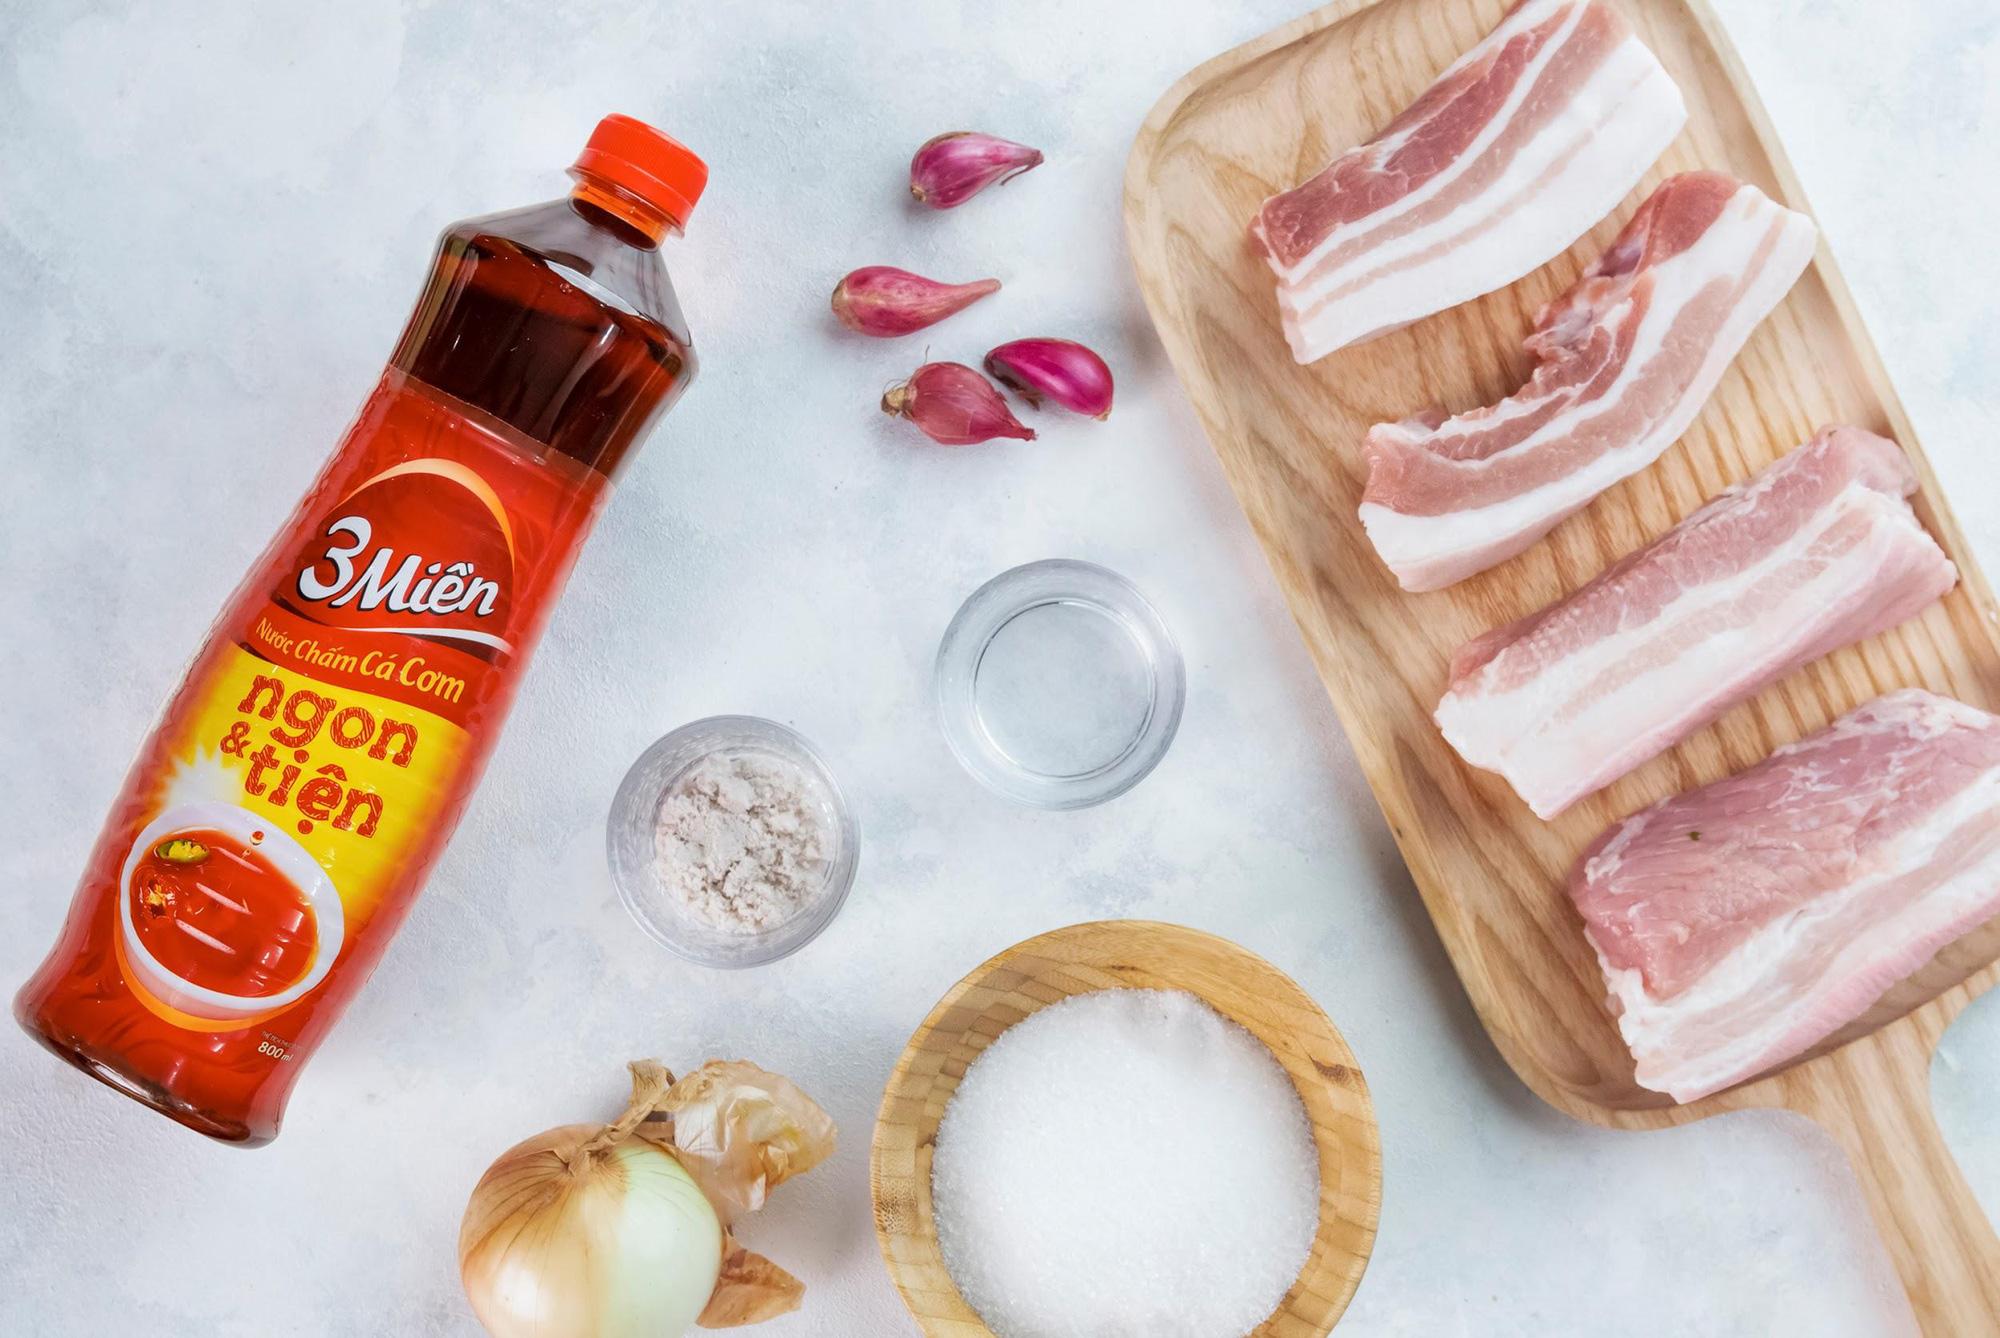 Chống ngấy ngày Tết cực đơn giản với công thức thịt heo ngâm mắm ngon hết sảy từ Helens Recipes - Ảnh 2.